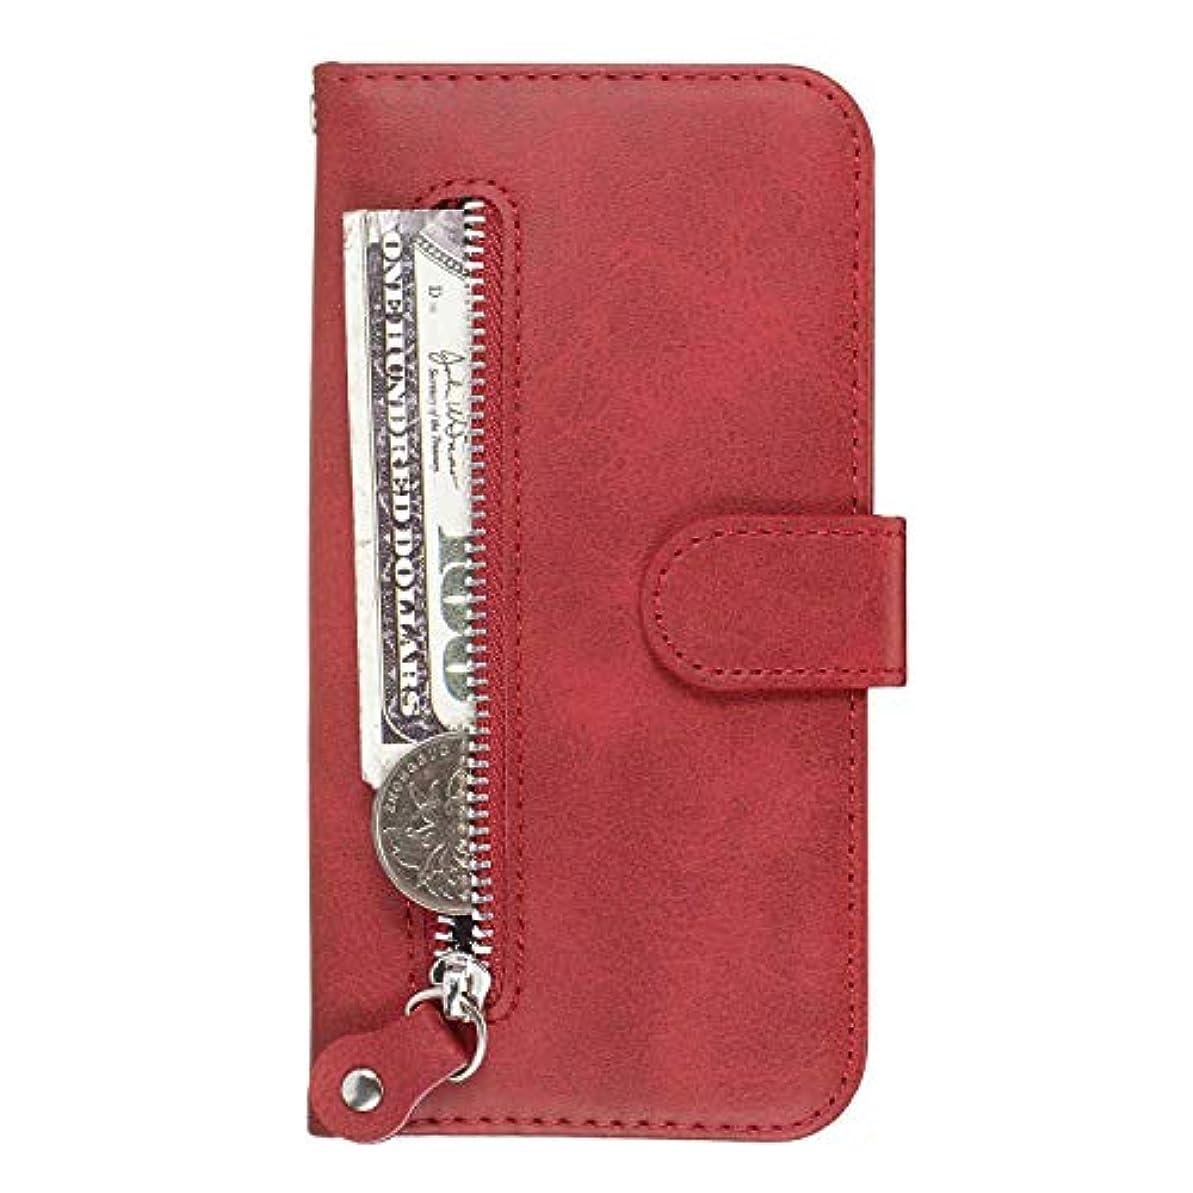 面割り込み復活するOMATENTI Xiaomi Redmi Note 7 Pro ケース, 軽量 PUレザー 薄型 簡約風 人気カバー バックケース Xiaomi Redmi Note 7 Pro 用 Case Cover, 液晶保護 カード収納, 財布とコインポケット付き, 赤